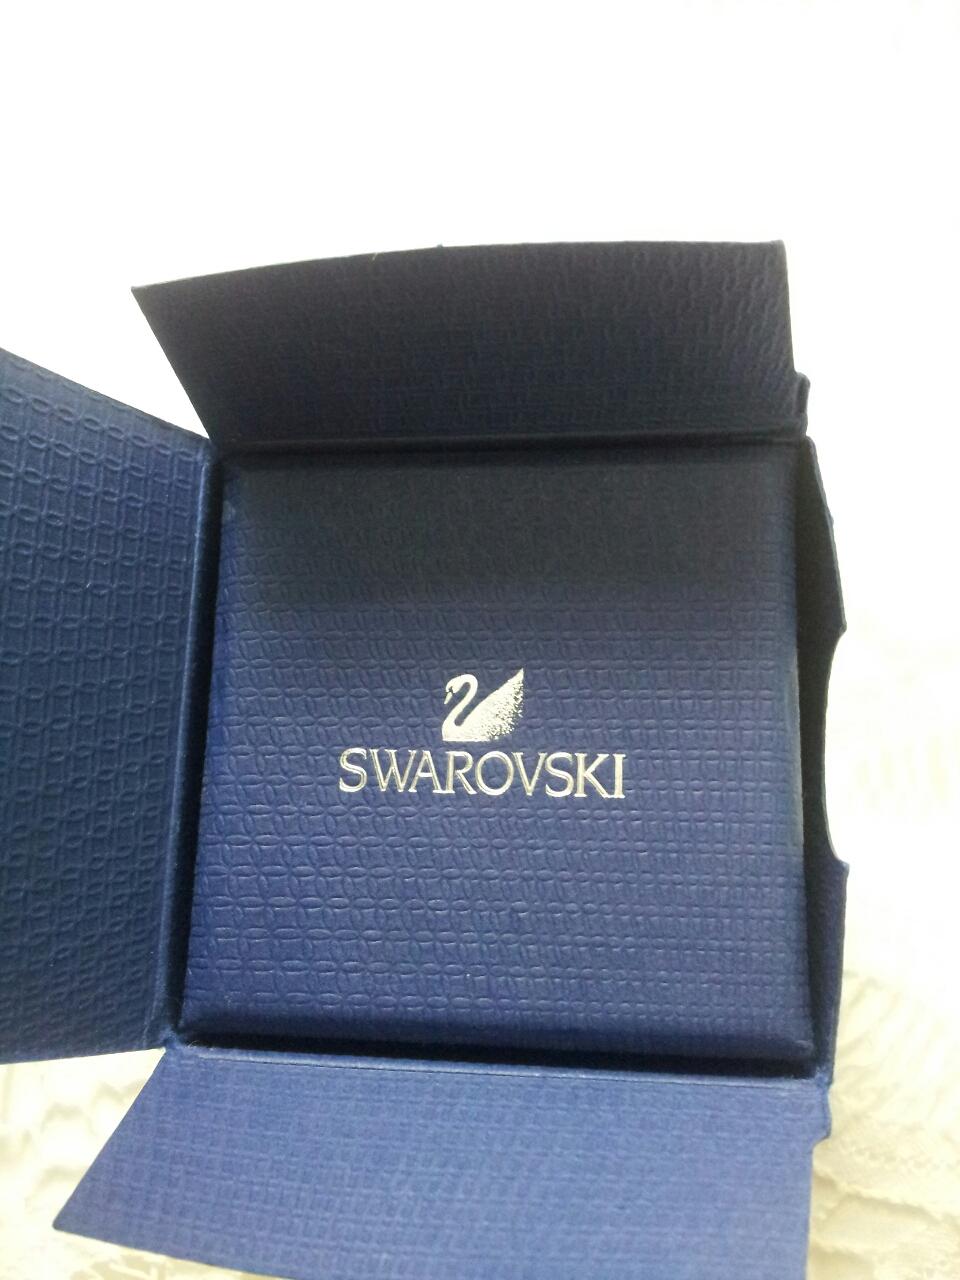 스와로브스키 반지